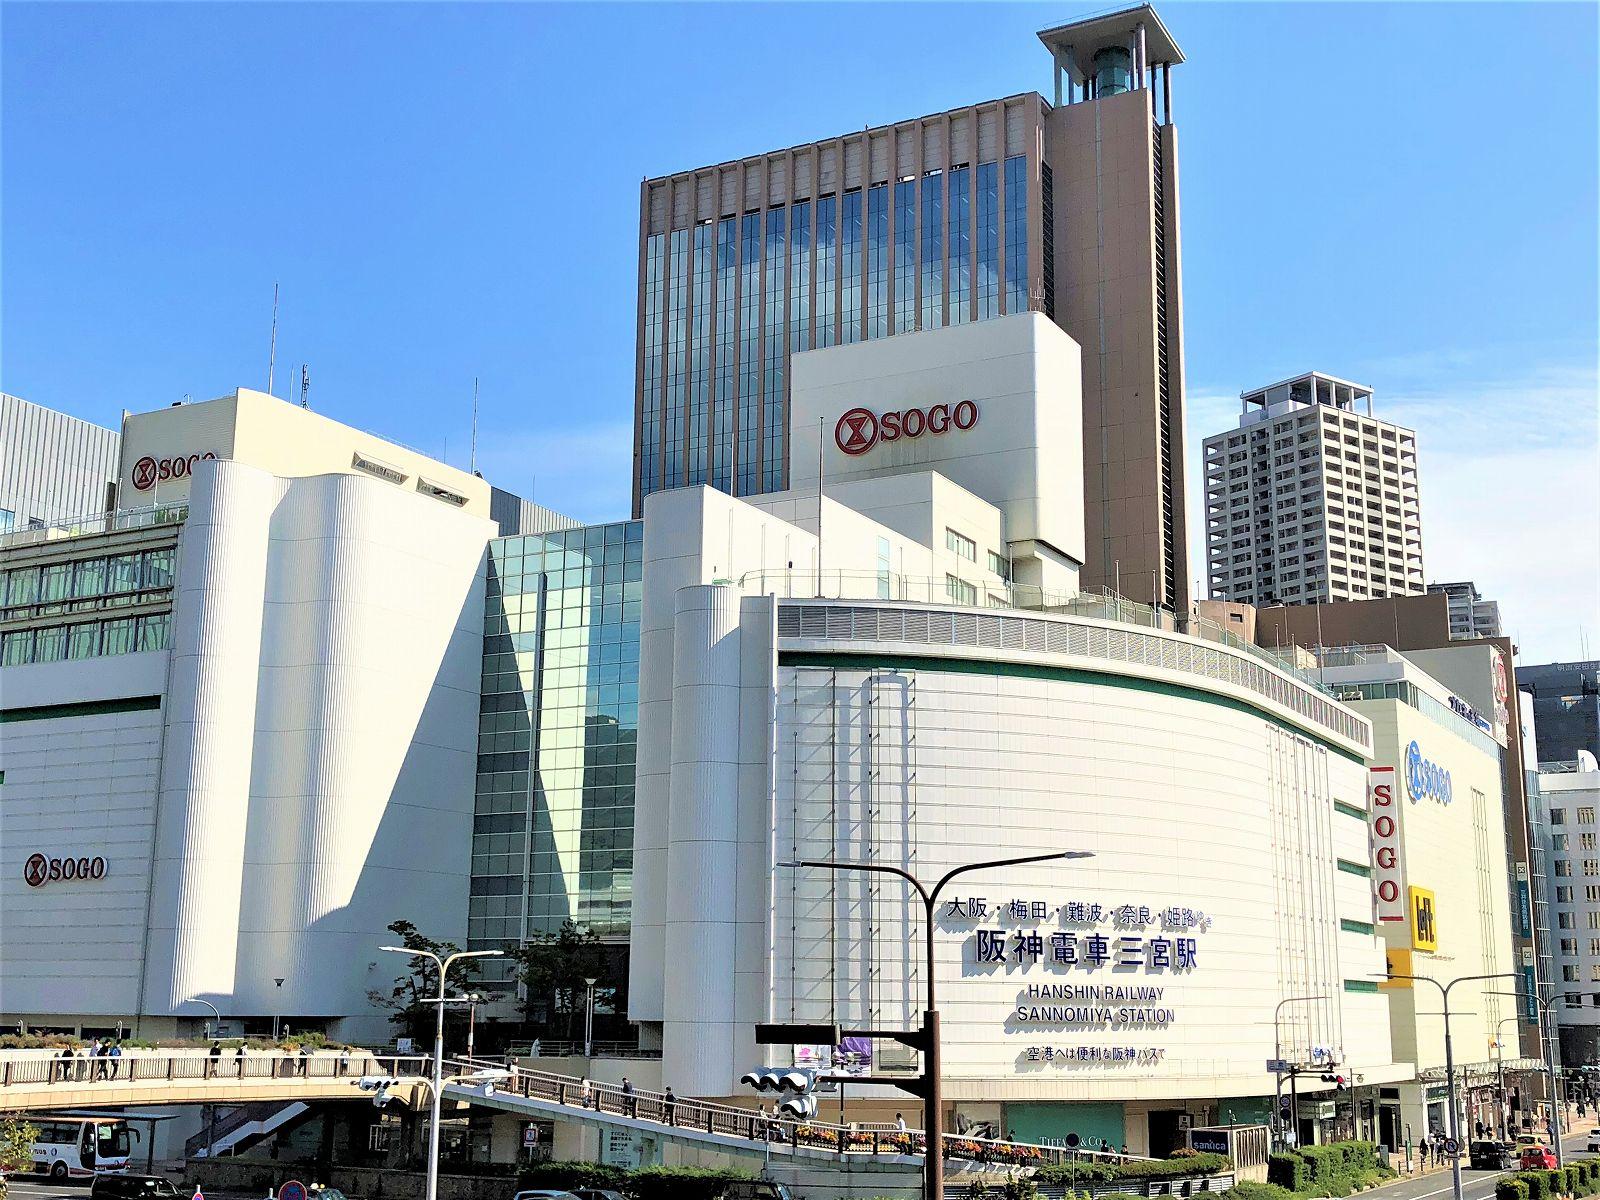 そごう神戸店が2019年10月1日から「神戸阪急」に生まれかわるよ! #そごう神戸店 #神戸阪急 #神戸のランドマーク #屋号変更